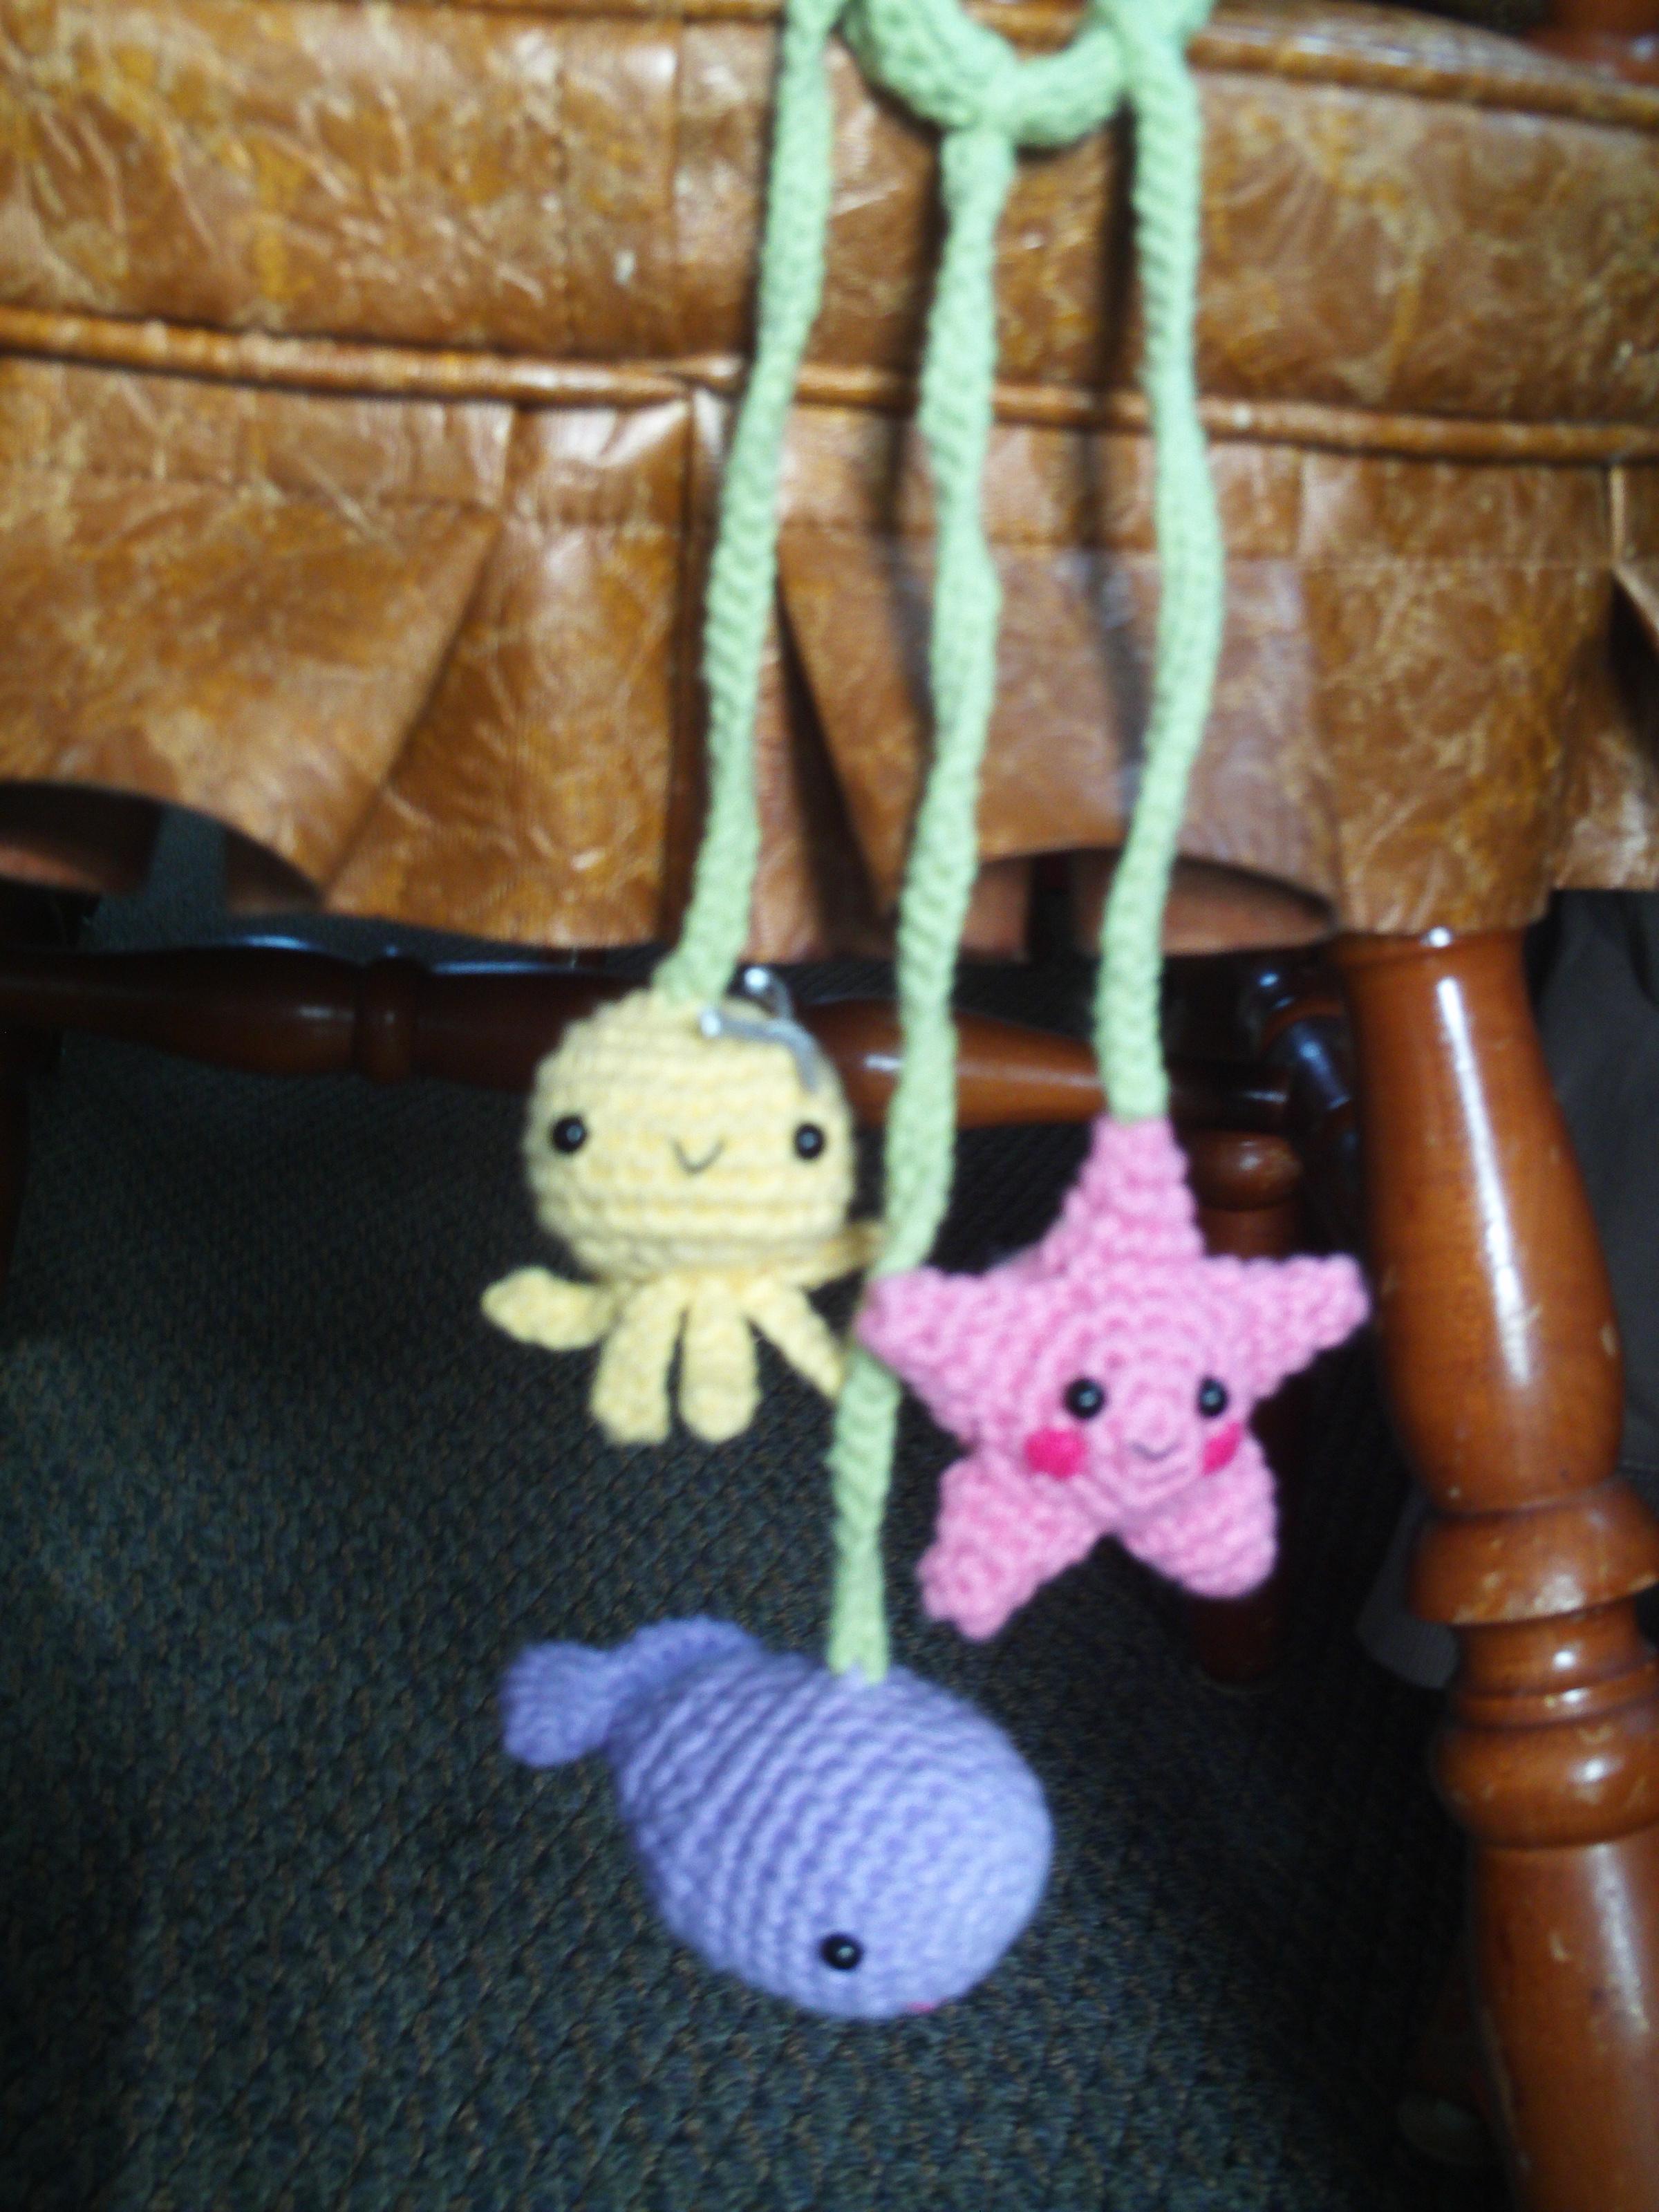 Sea Creature Carseat/ Crib Attachment Toy